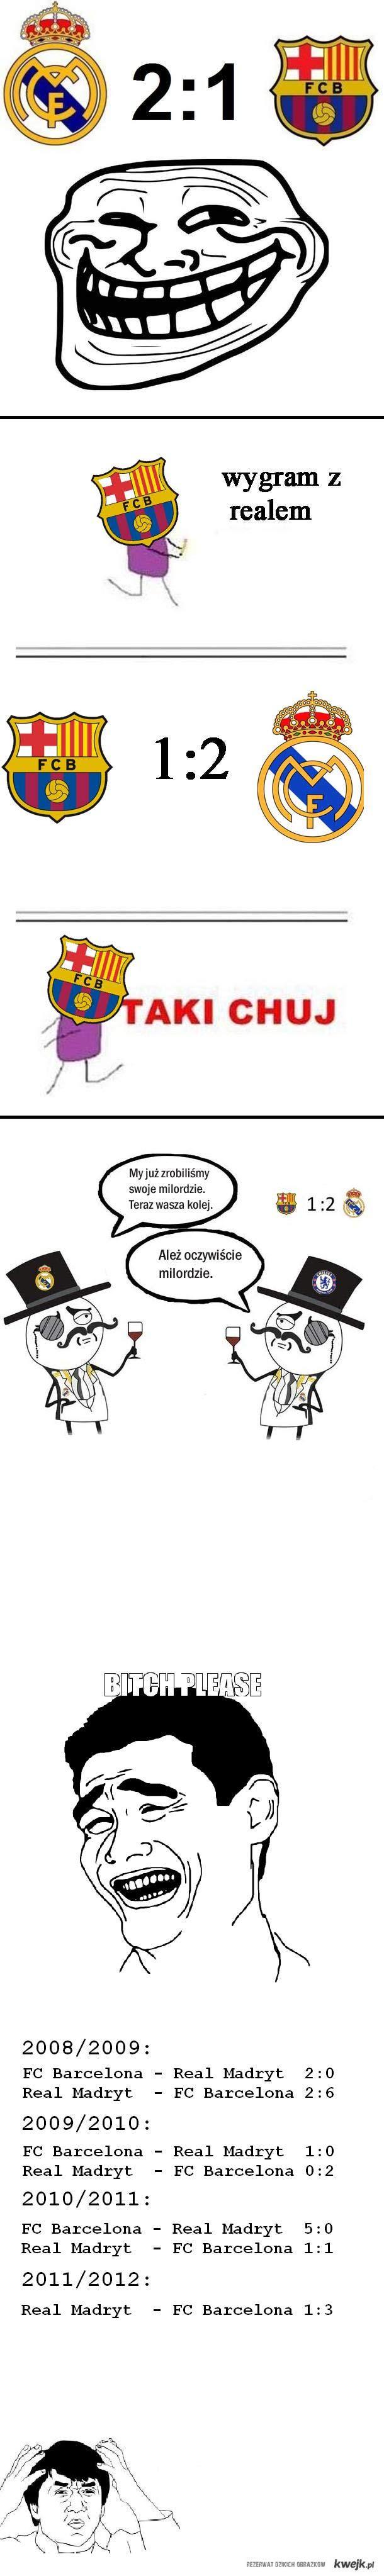 Barca vs Real